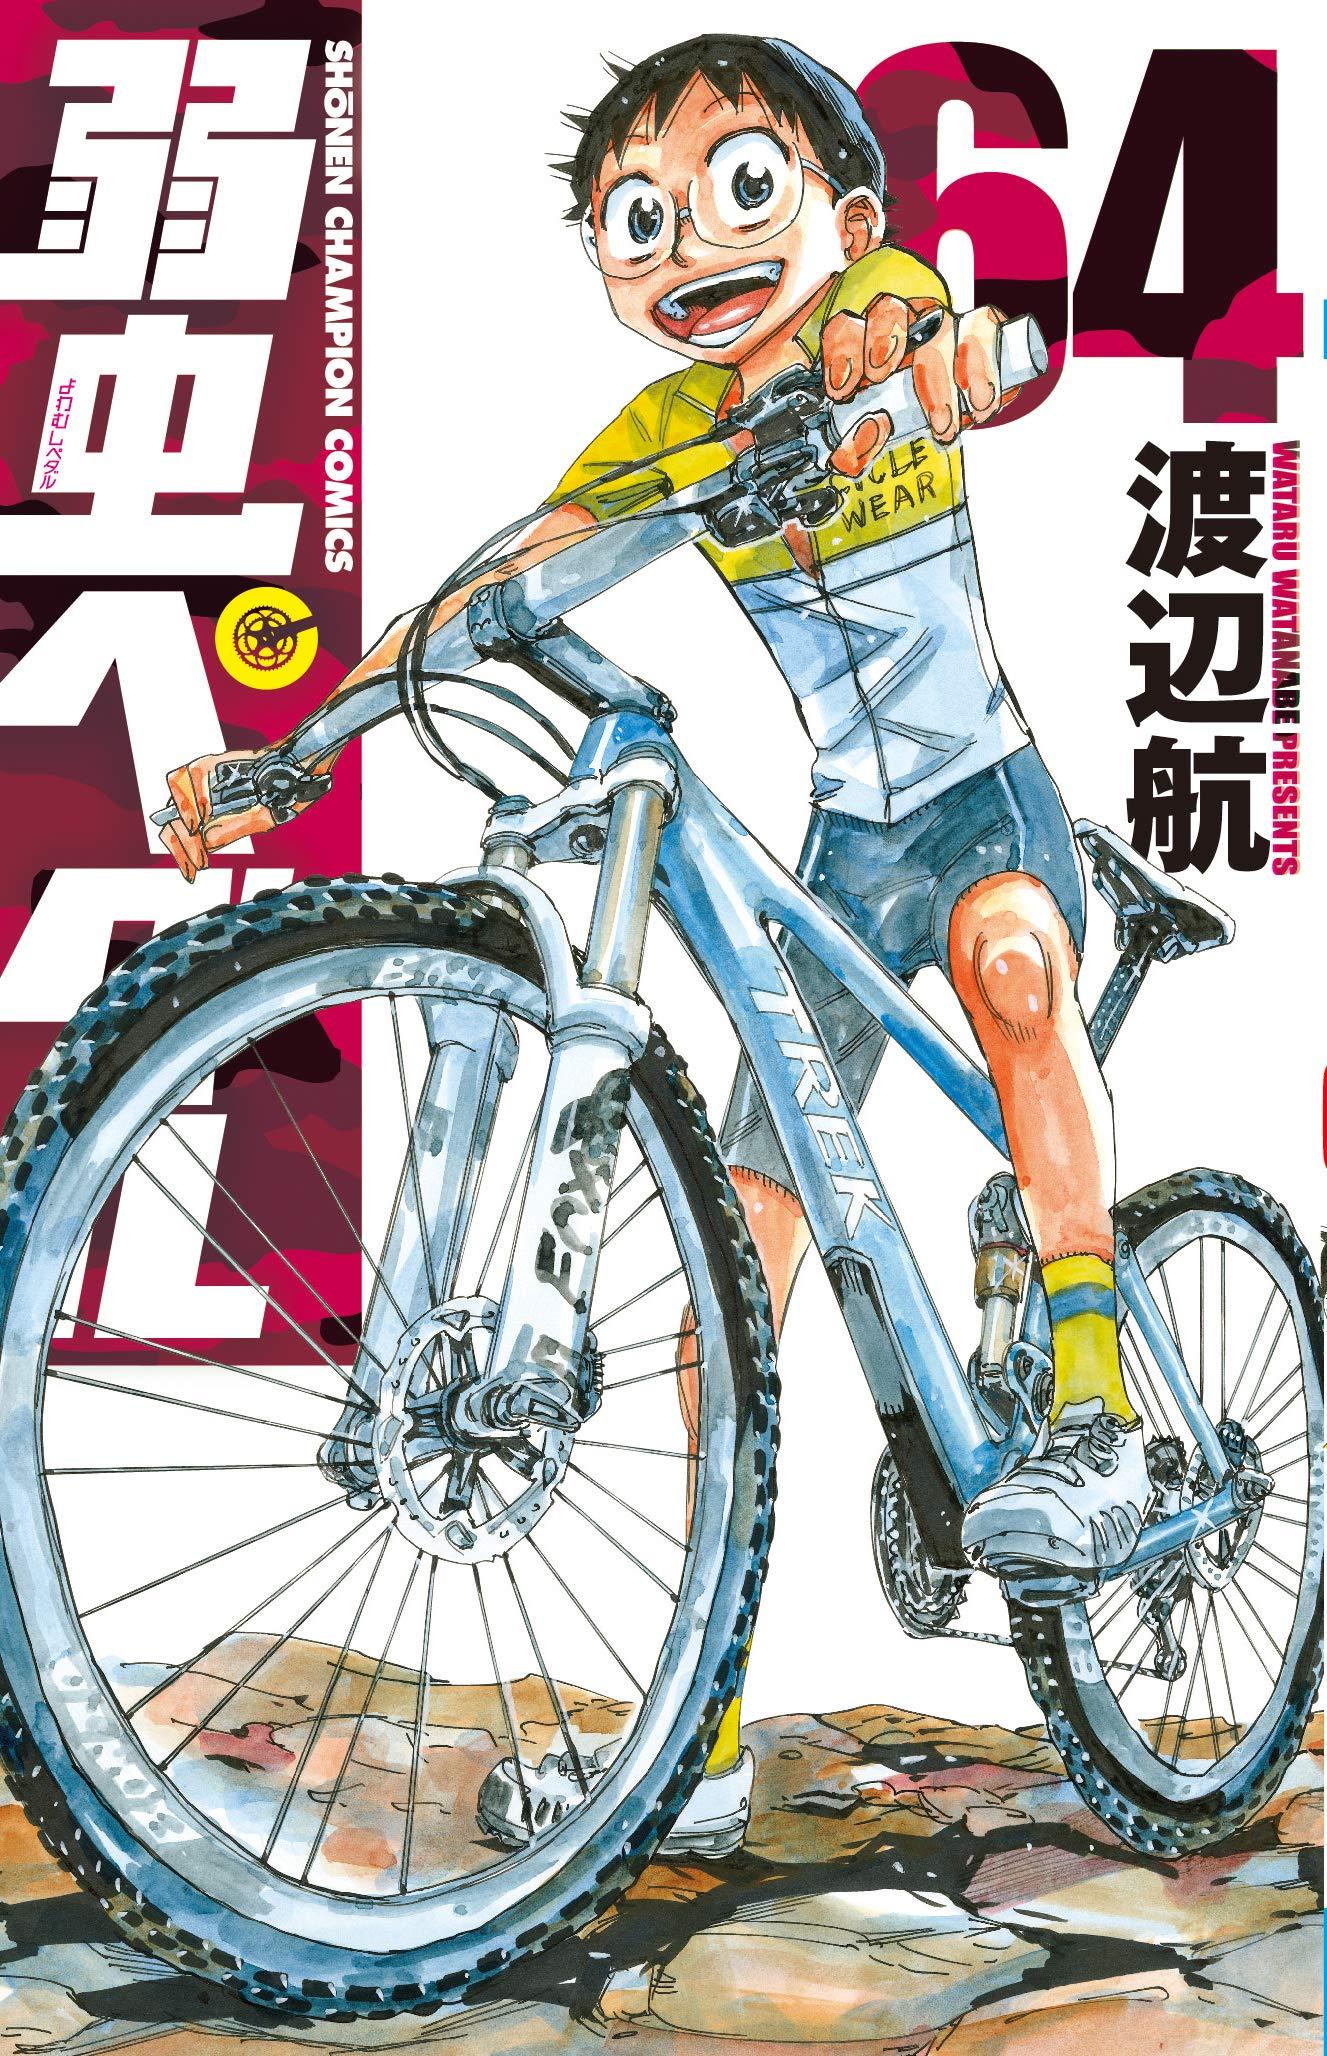 弱虫ペダル 64 少年チャンピオン コミックス 渡辺航 本 通販